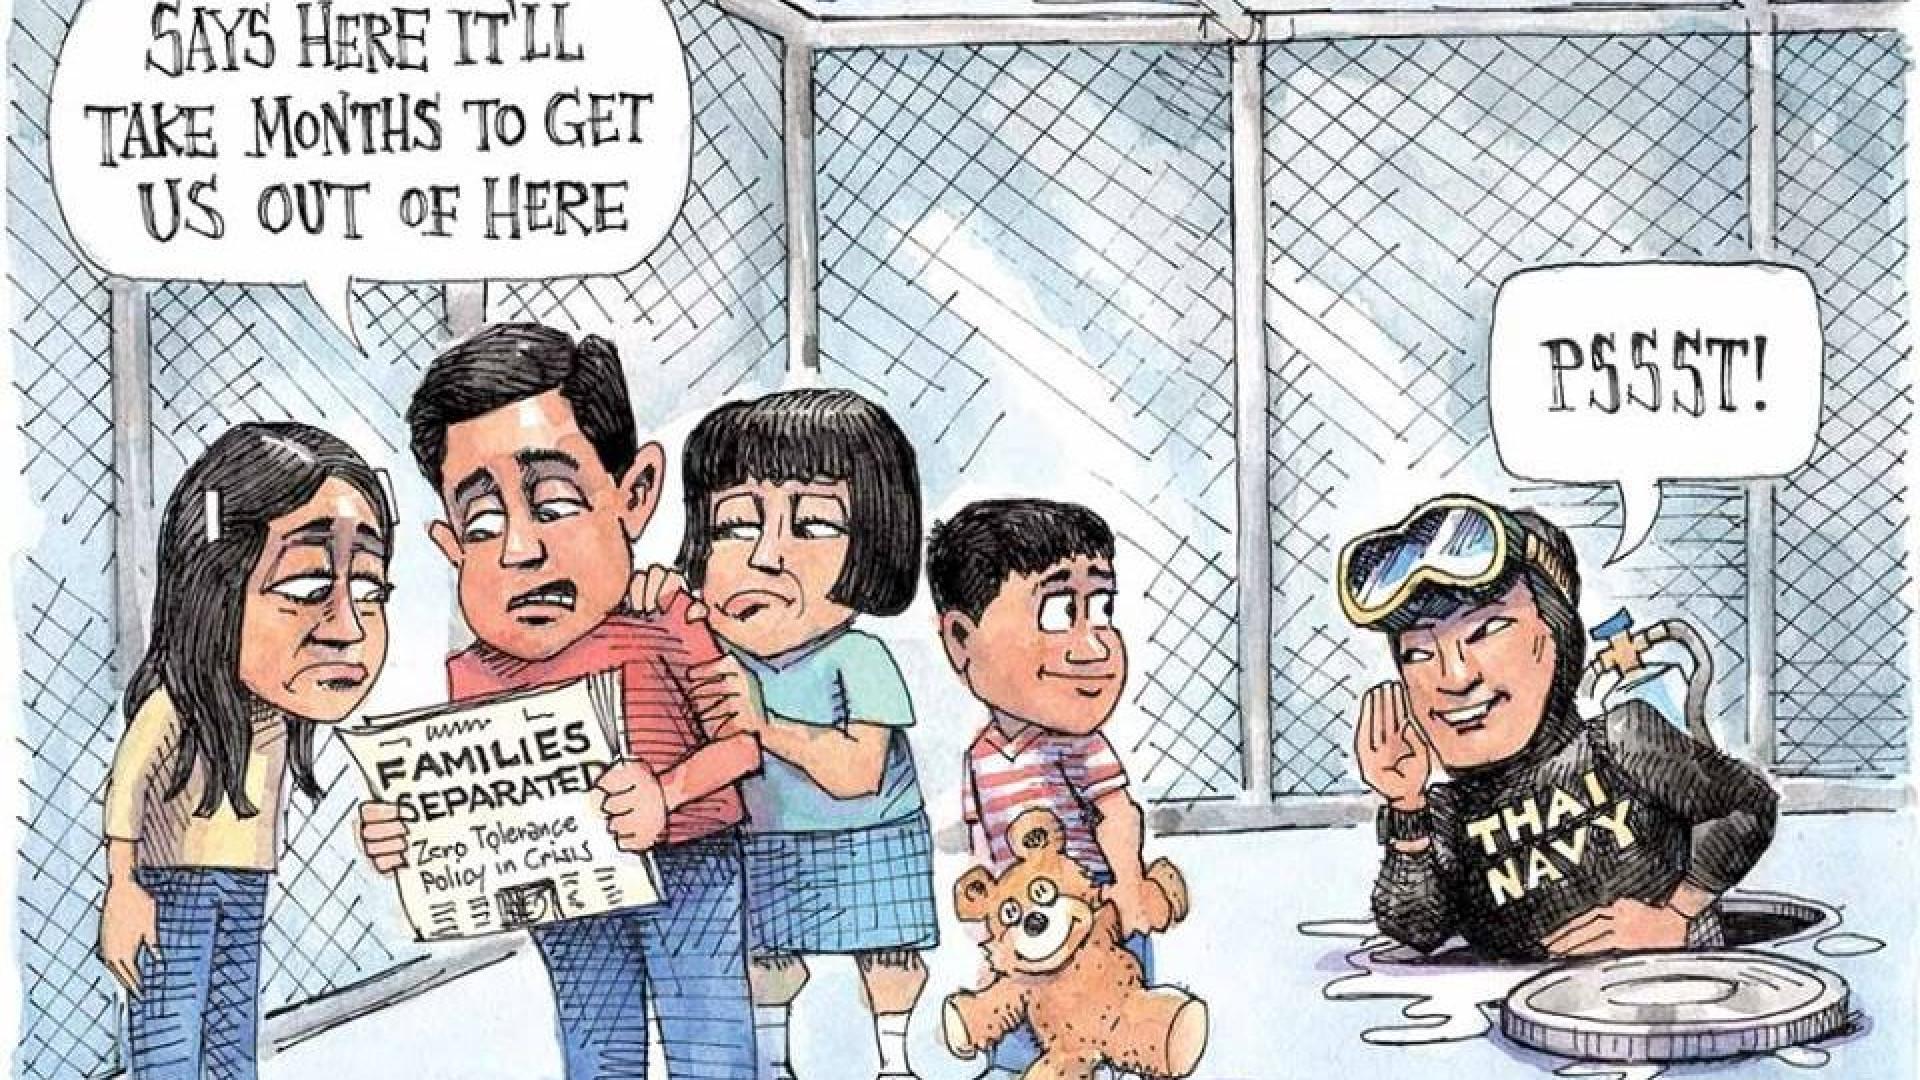 Cartoon põe mergulhador a resolver casos de famílias imigrantes separadas